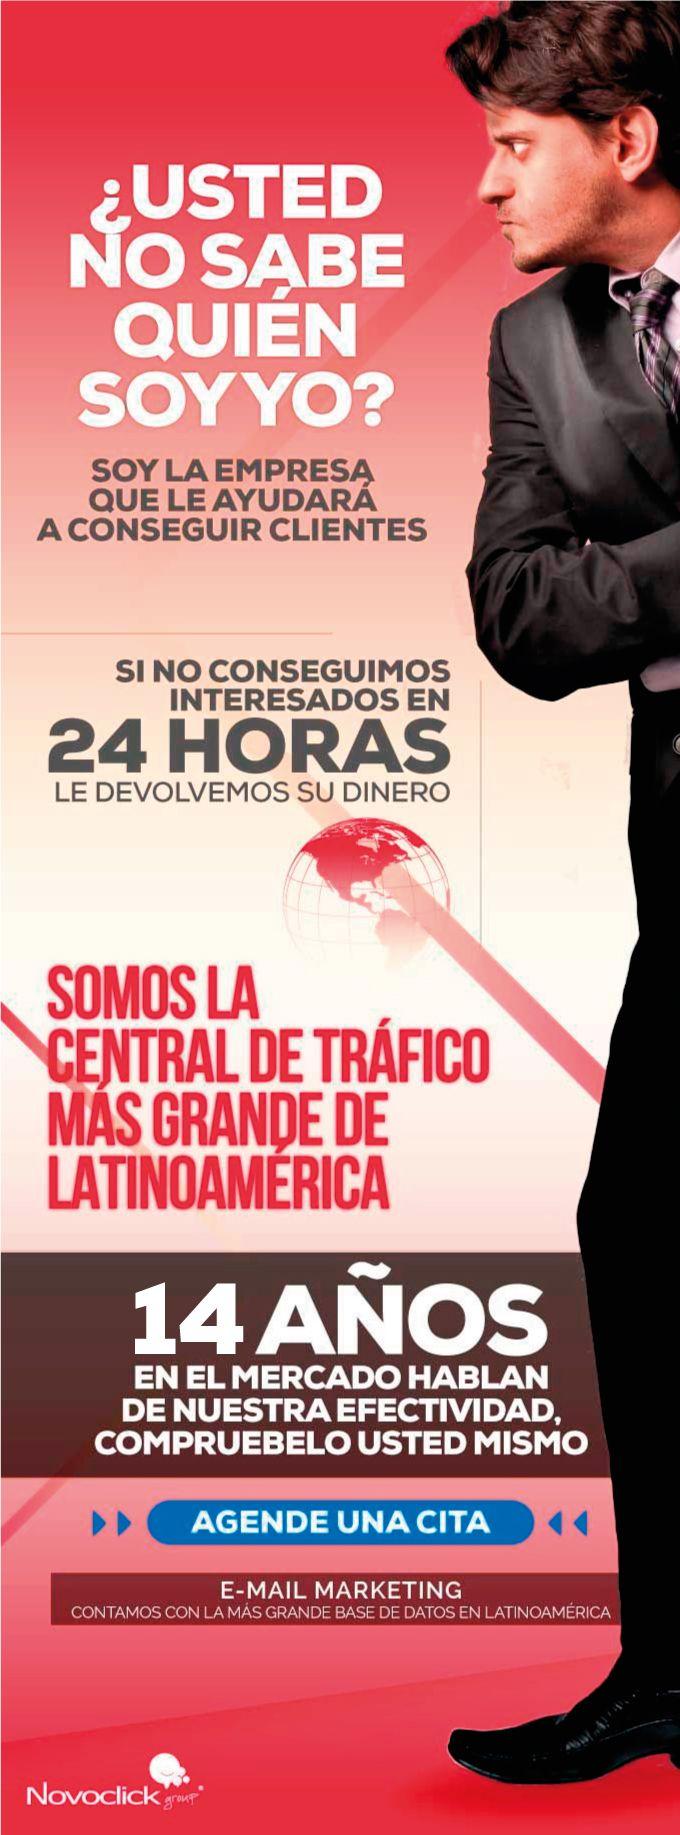 CONSIGA CLIENTES PARA SU EMPREASA 2014